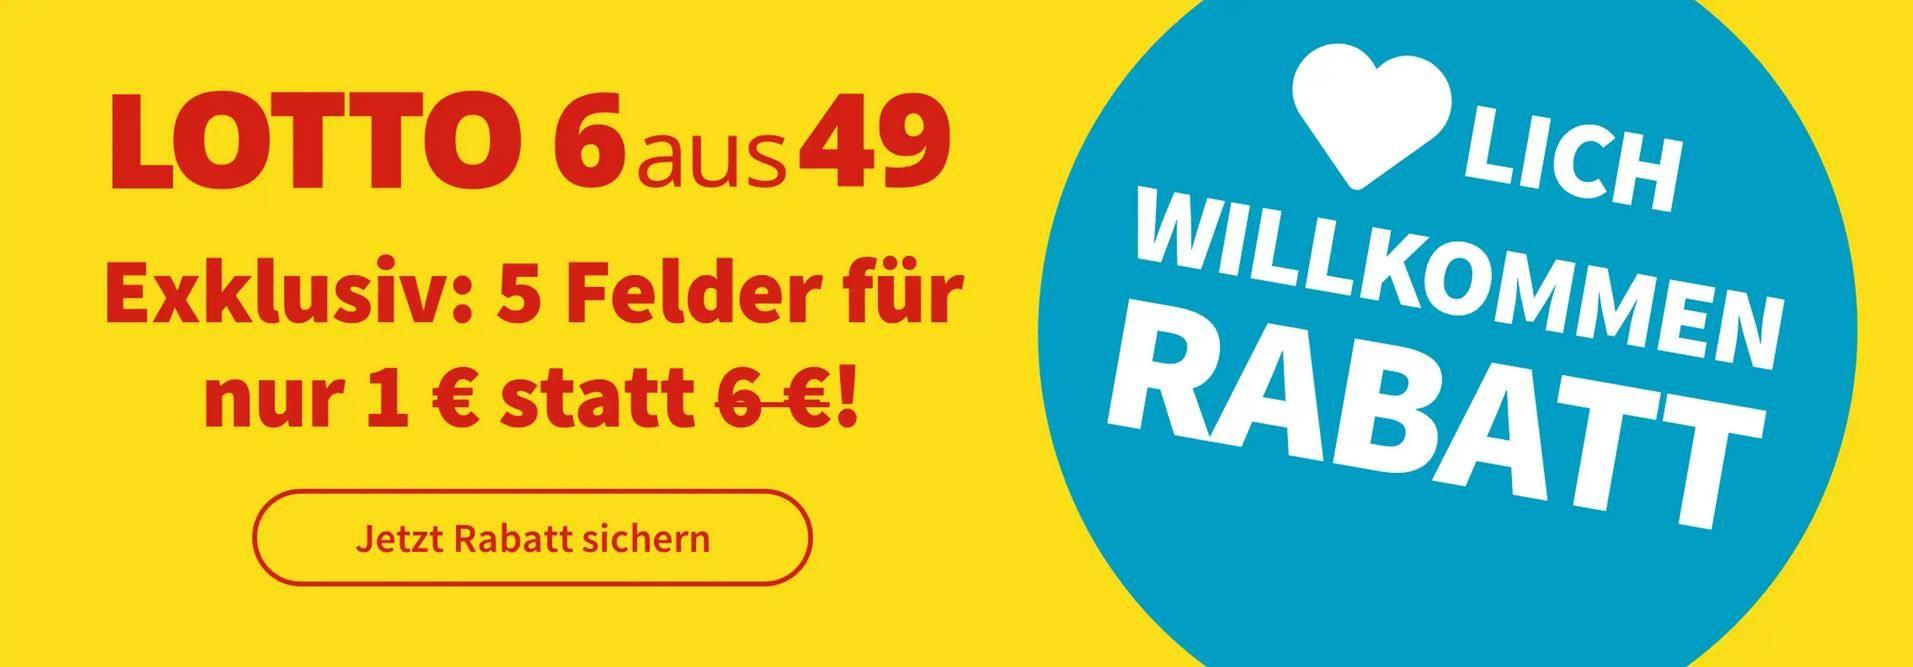 10 Mio. Jackpot: Lotto 6aus49   5 Felder für nur 1€ (statt 6€)   Neukunden